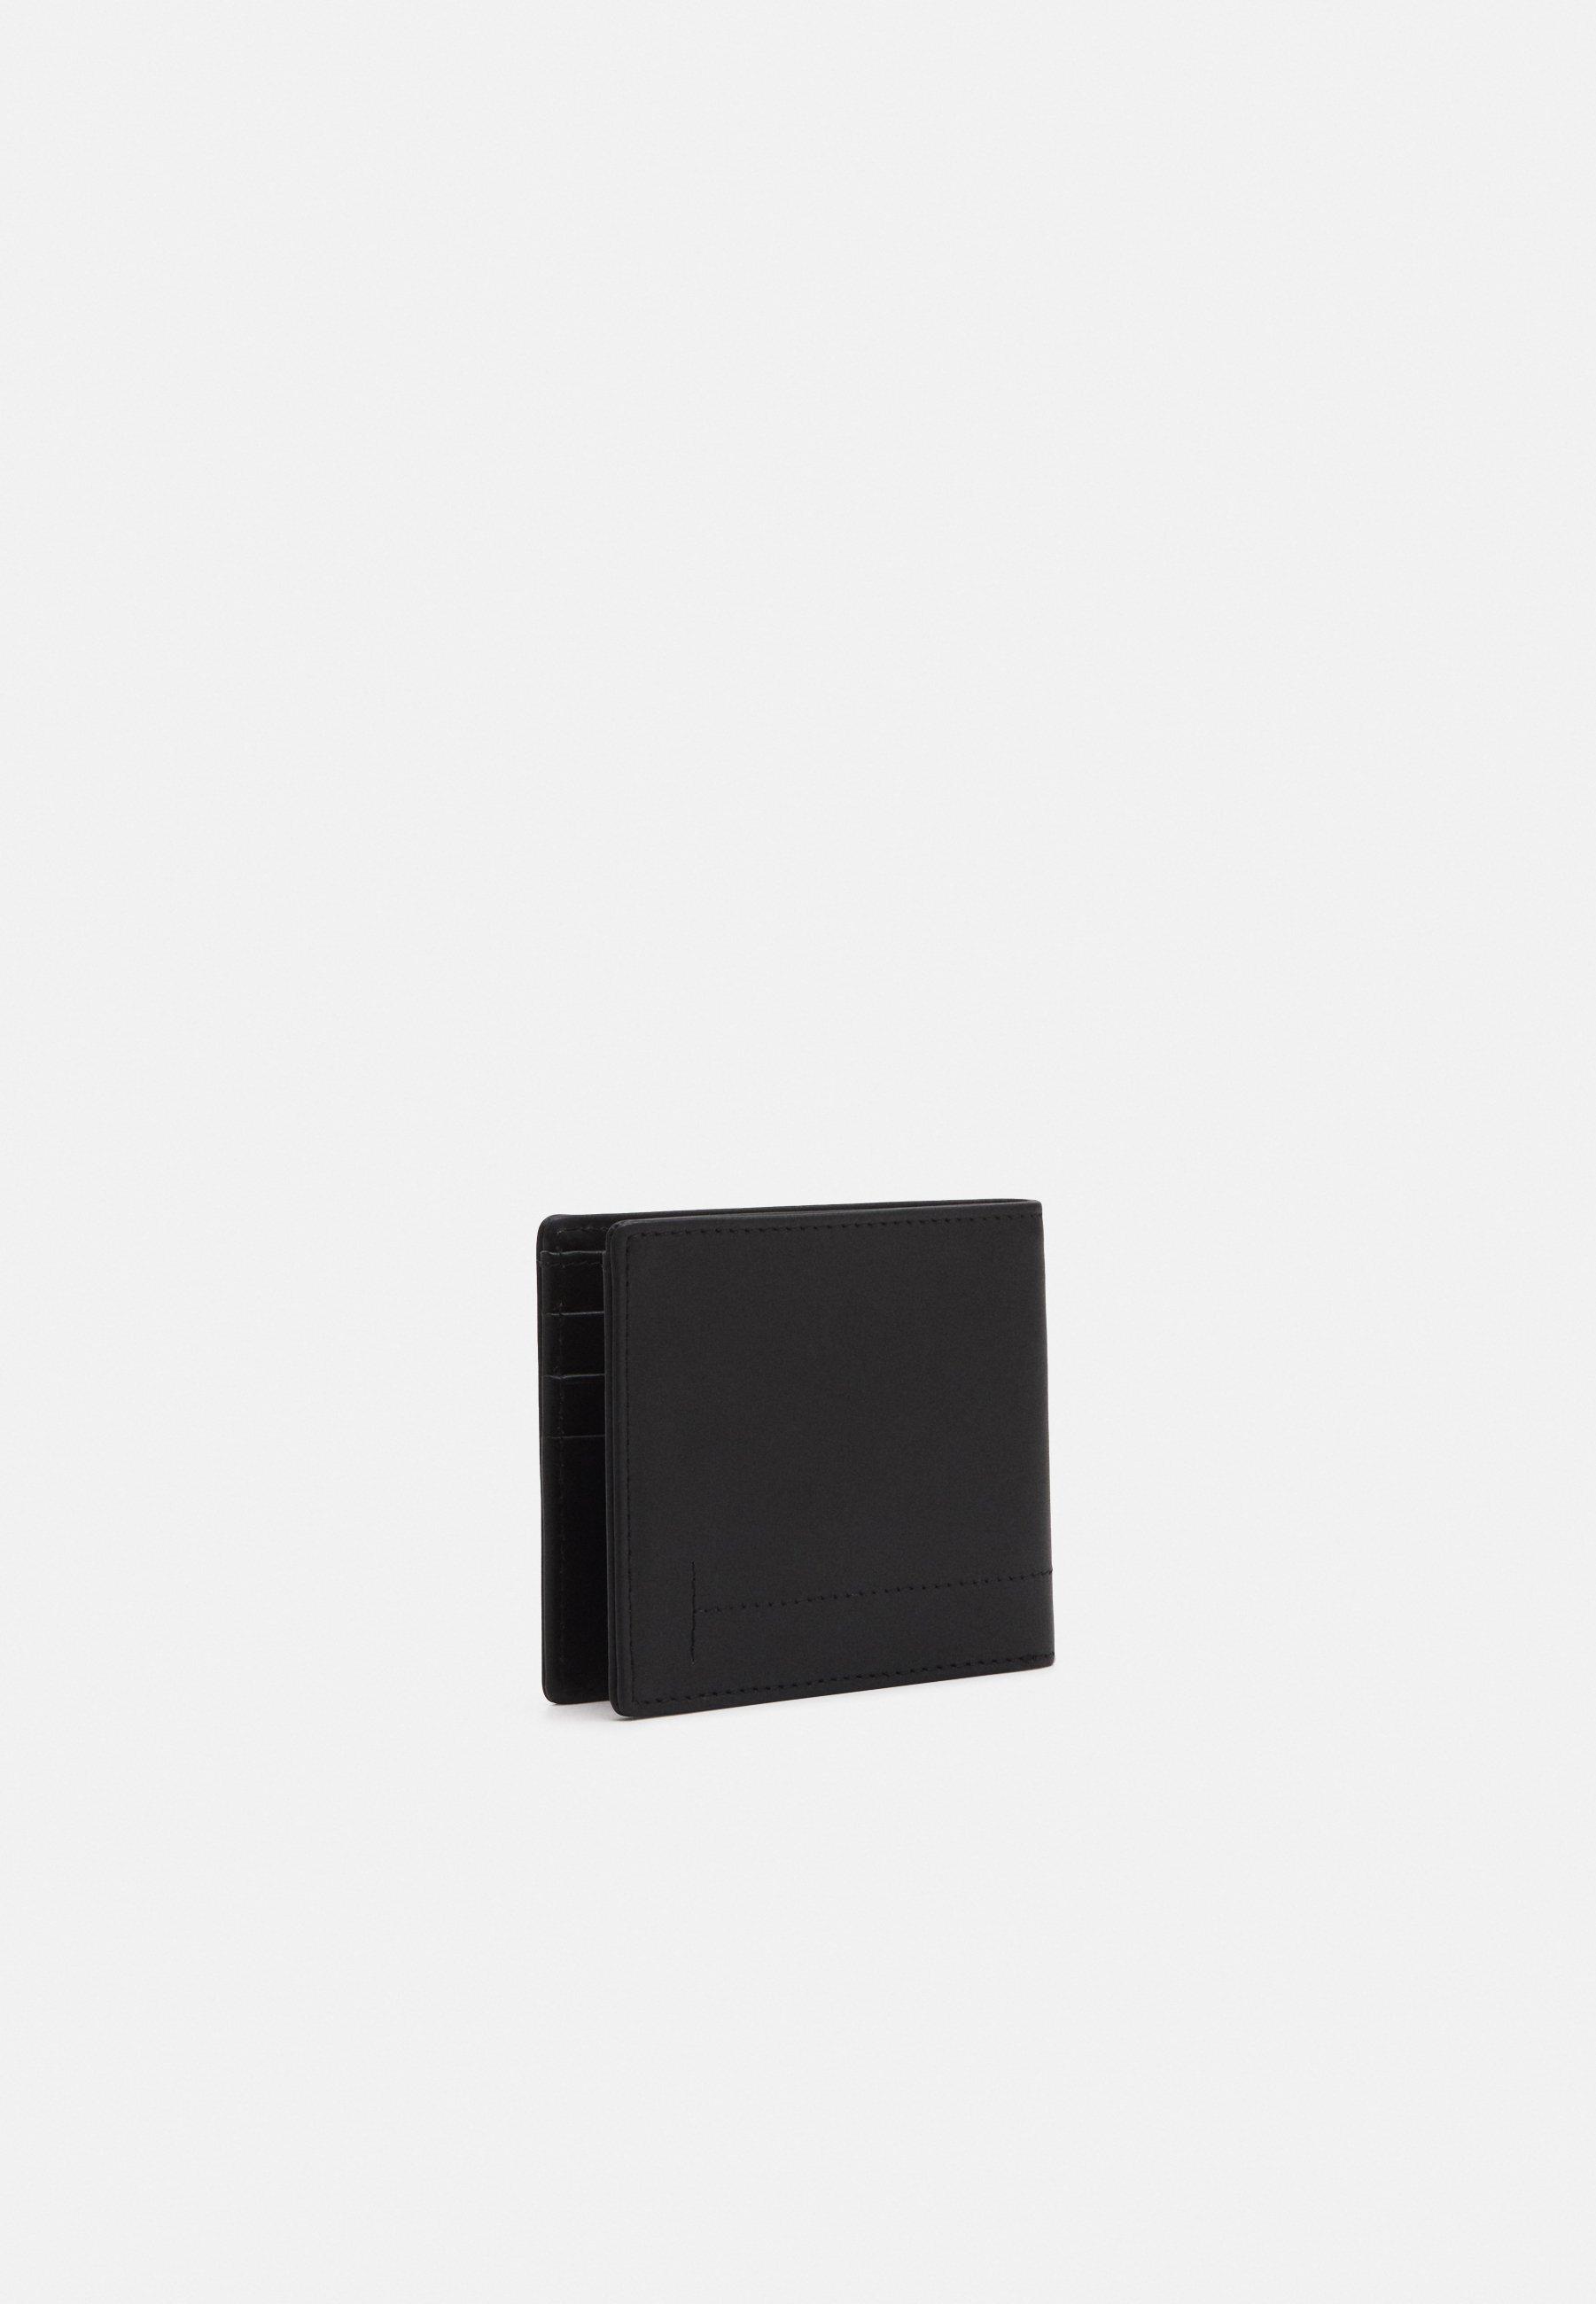 Zign LEATHER SET WALLET  BELT  - Geldbörse - black/schwarz - Herrentaschen 5UasD